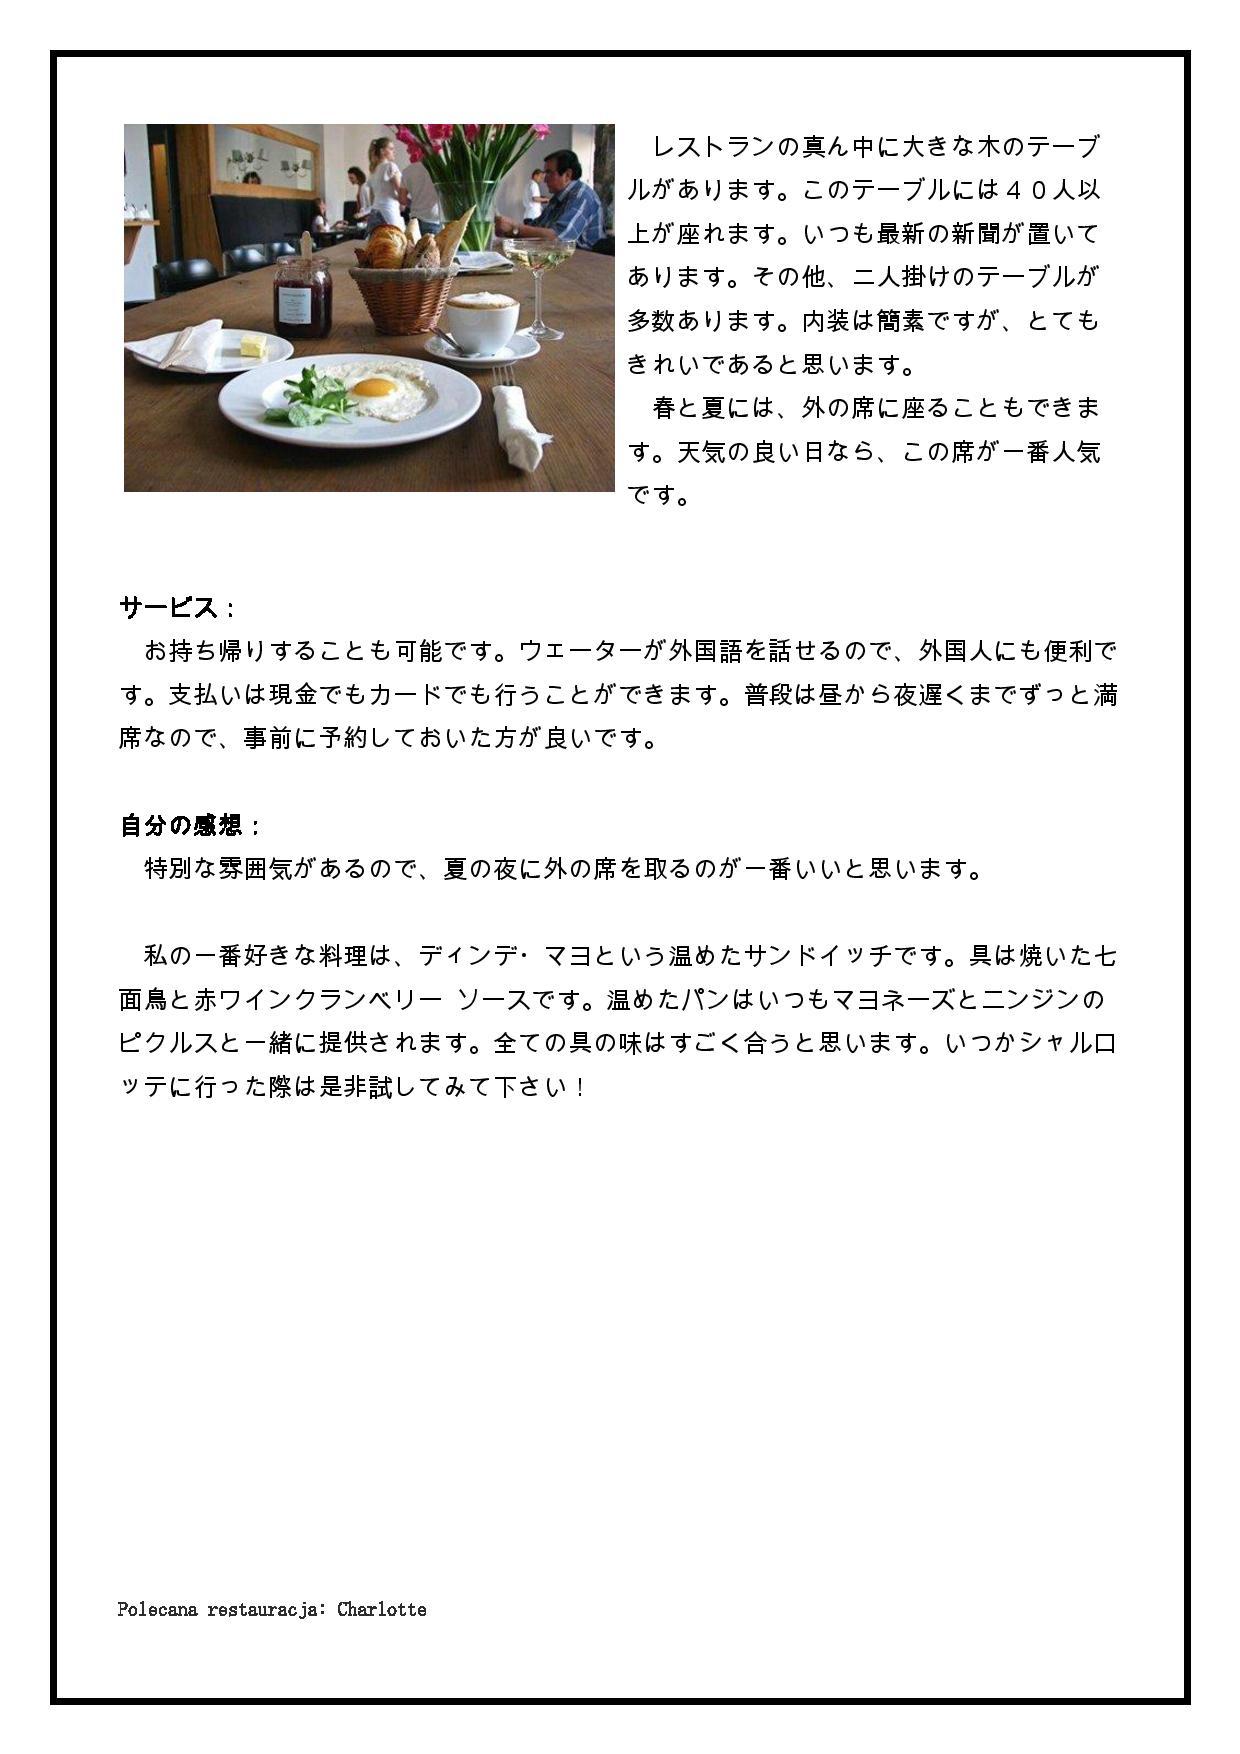 シャルロッテ-page-002